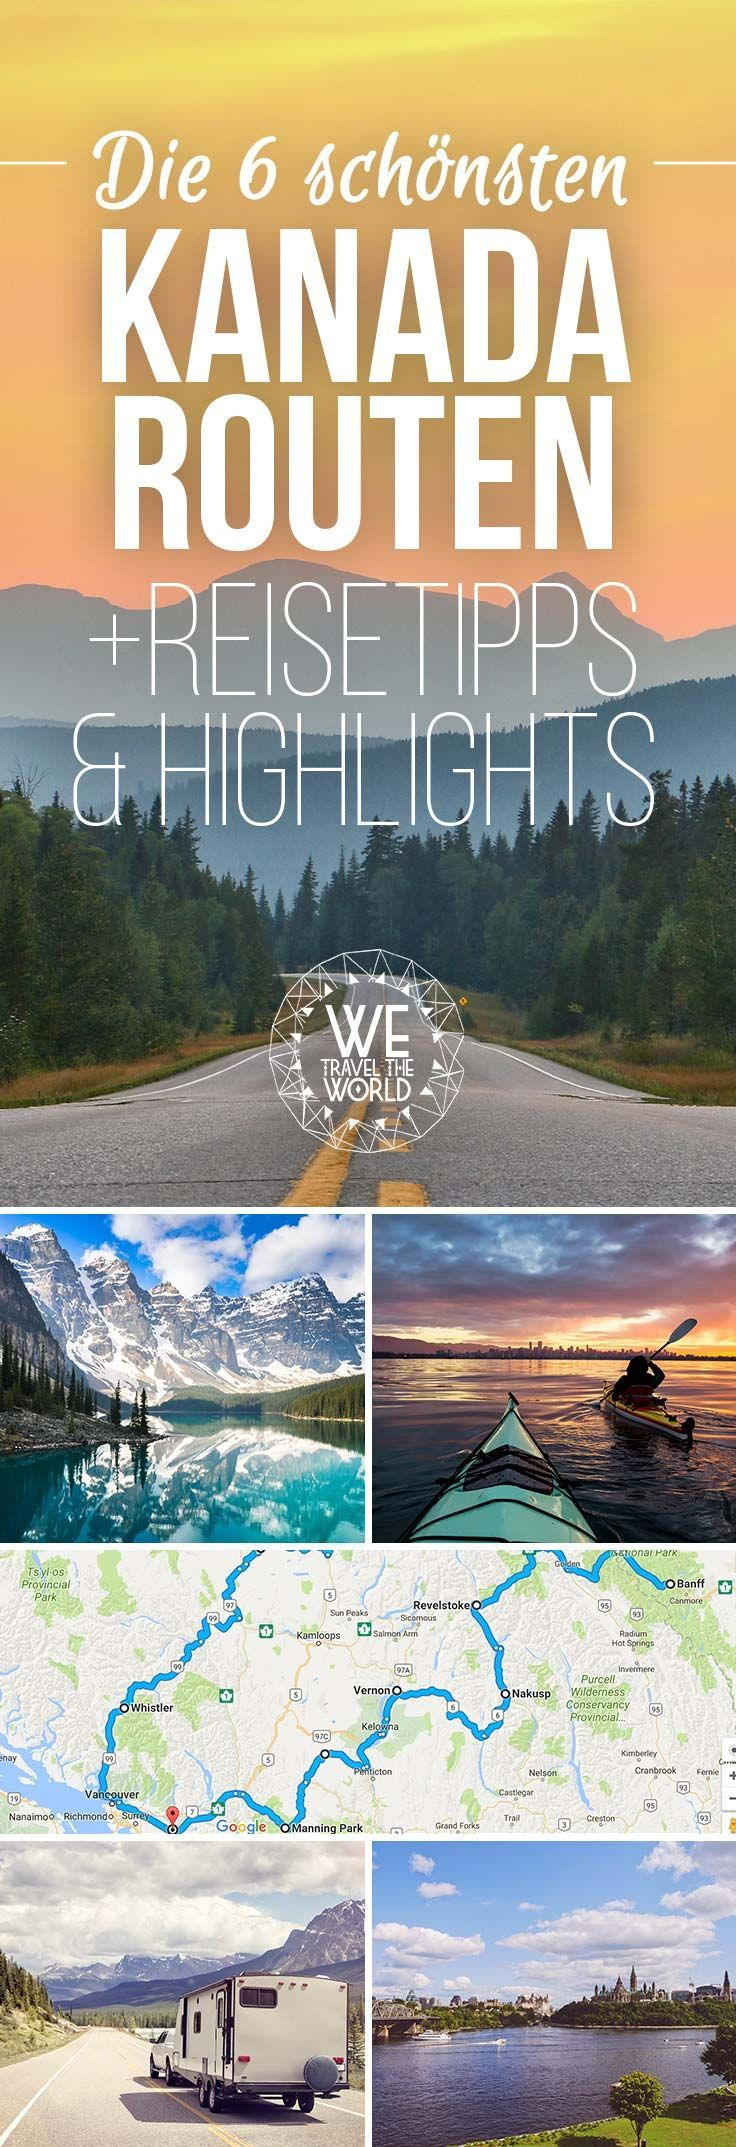 Die 6 schönsten Kanada Routen